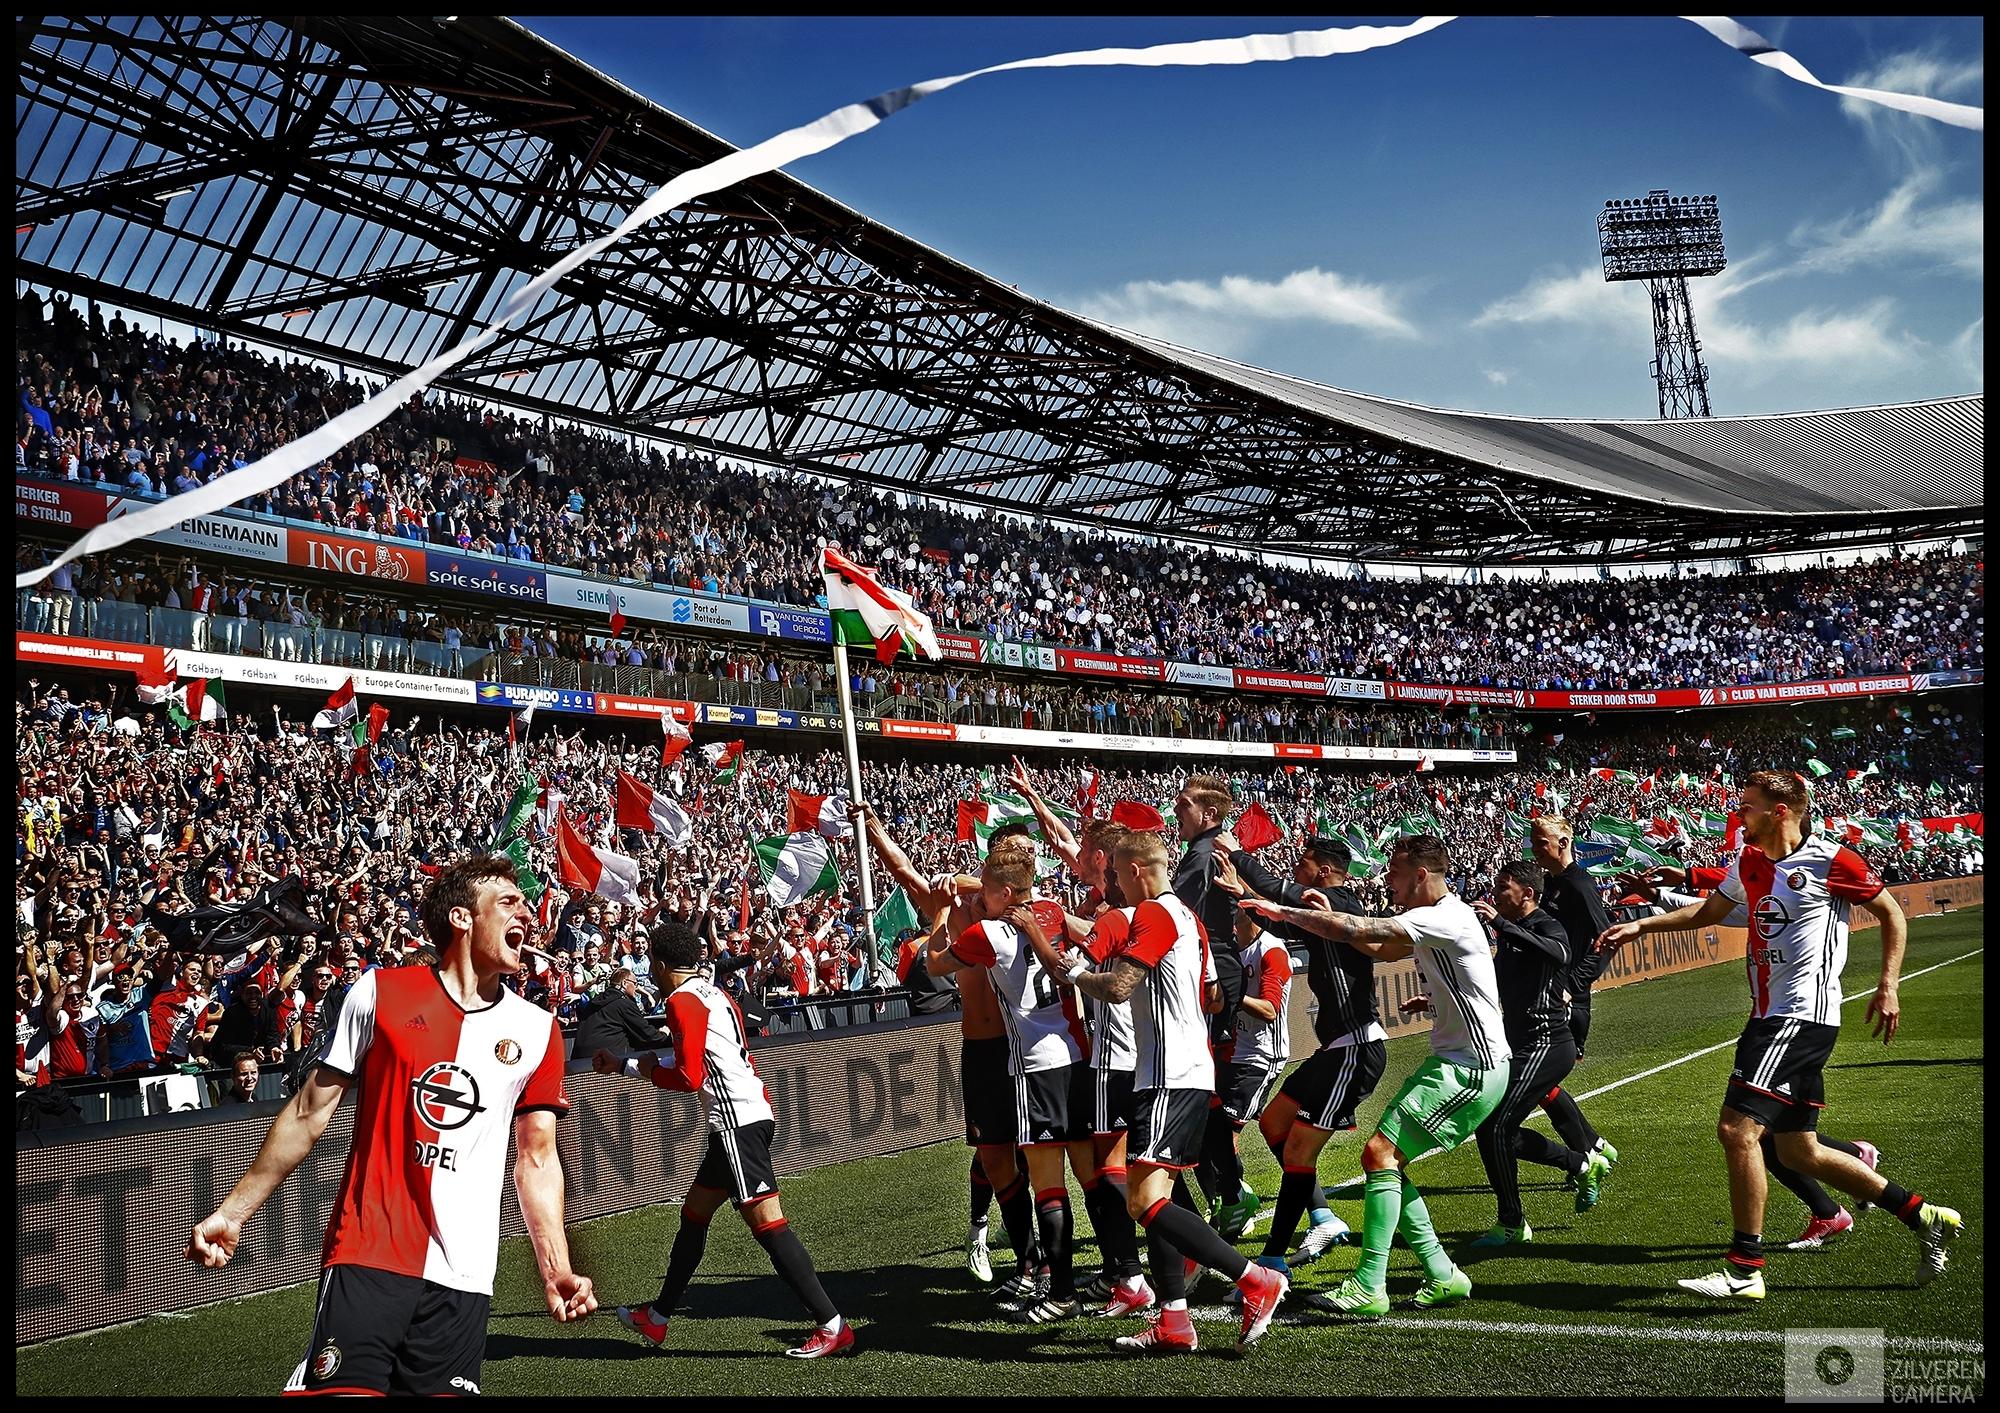 Nederland, Rotterdam, 14-05-2017Serie landskampioenschap Feyenoord seizoen 2016/2017Foto 5Na de 3-0 rent Kuyt naar de hoekvlag en steekt hem triomfantelijk omhoog waarna hij een de tienduizenden Feyenoord-fans het kampioenschap beginnen te vieren nog voordat het laatste fluitsignaal heeft geklonken.